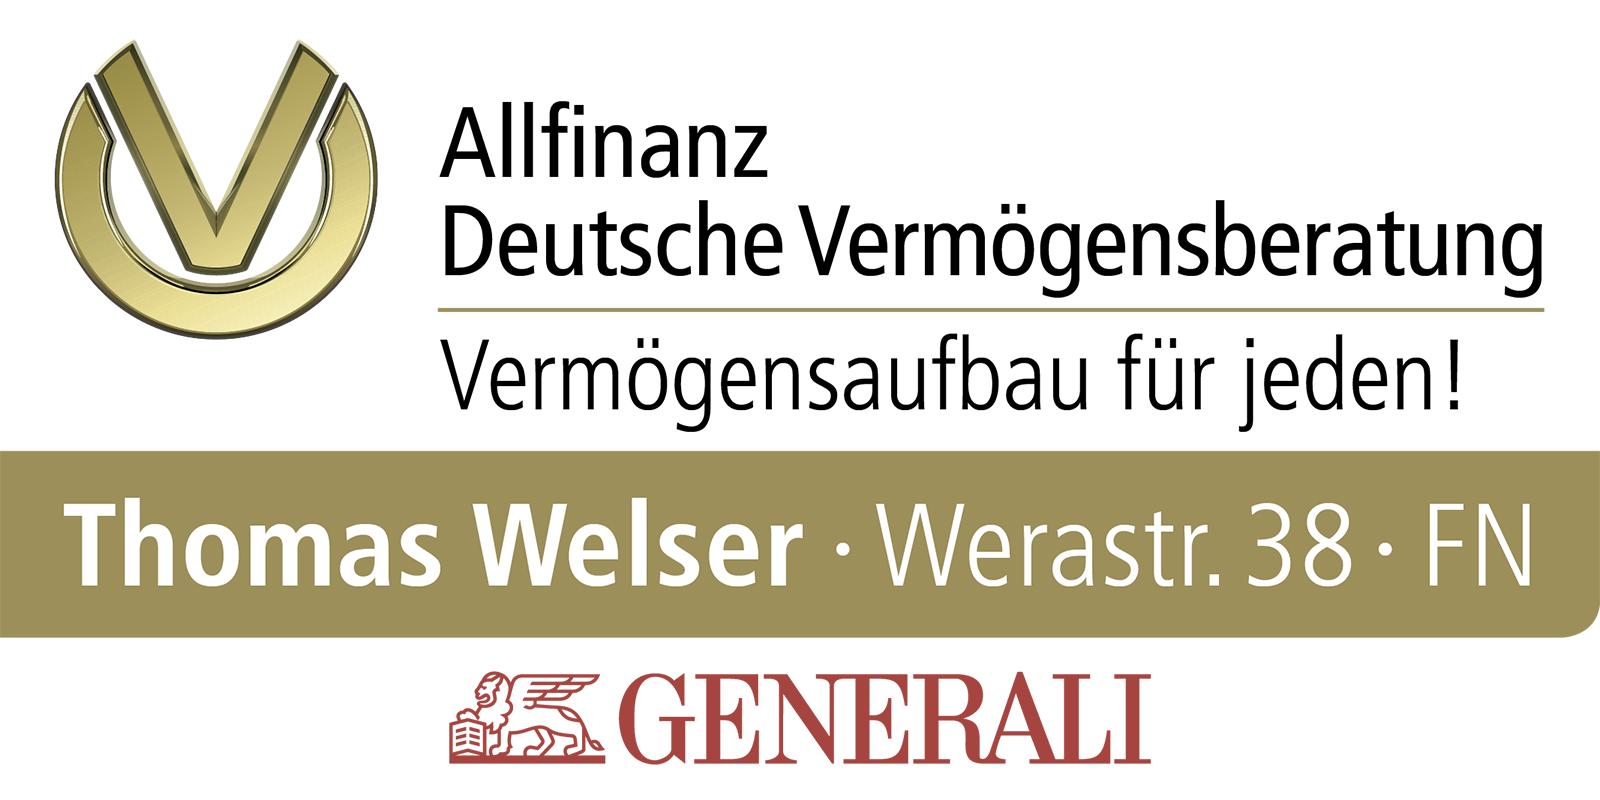 Thomas Welser - Allfinanz Deutsche Vermögensberatung GENERALI